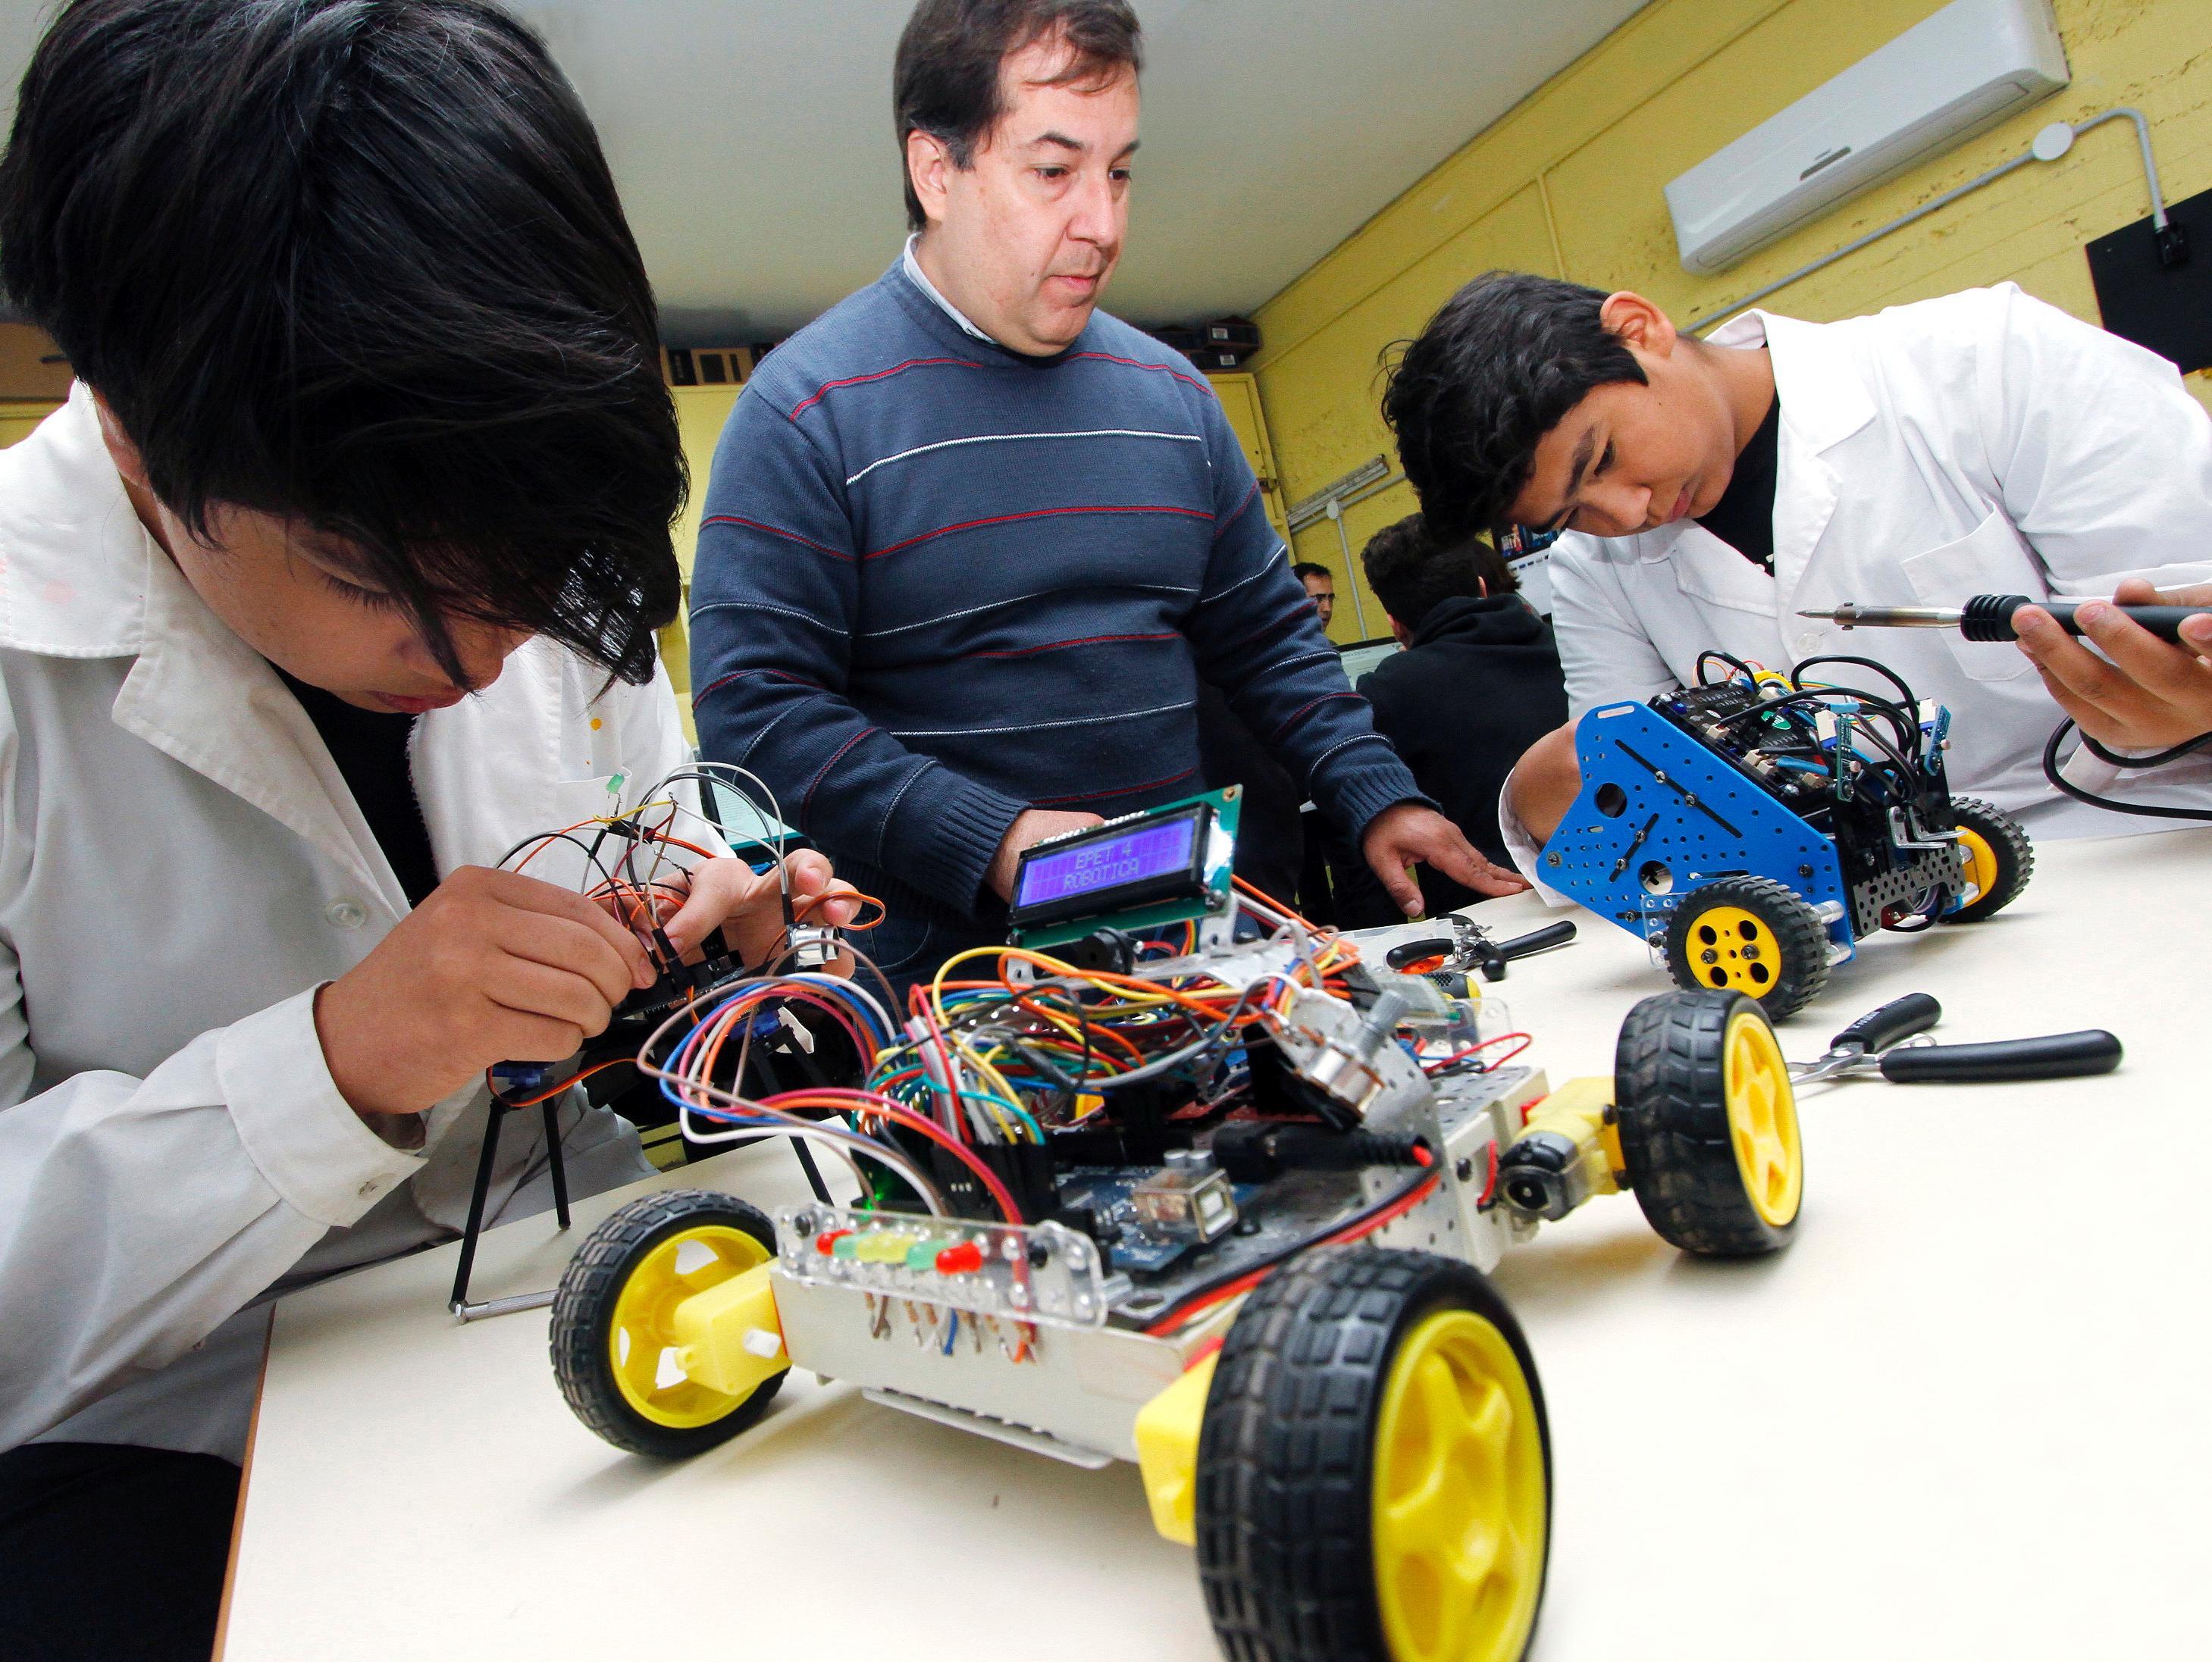 Robótica, la ciencia de aprender jugando  